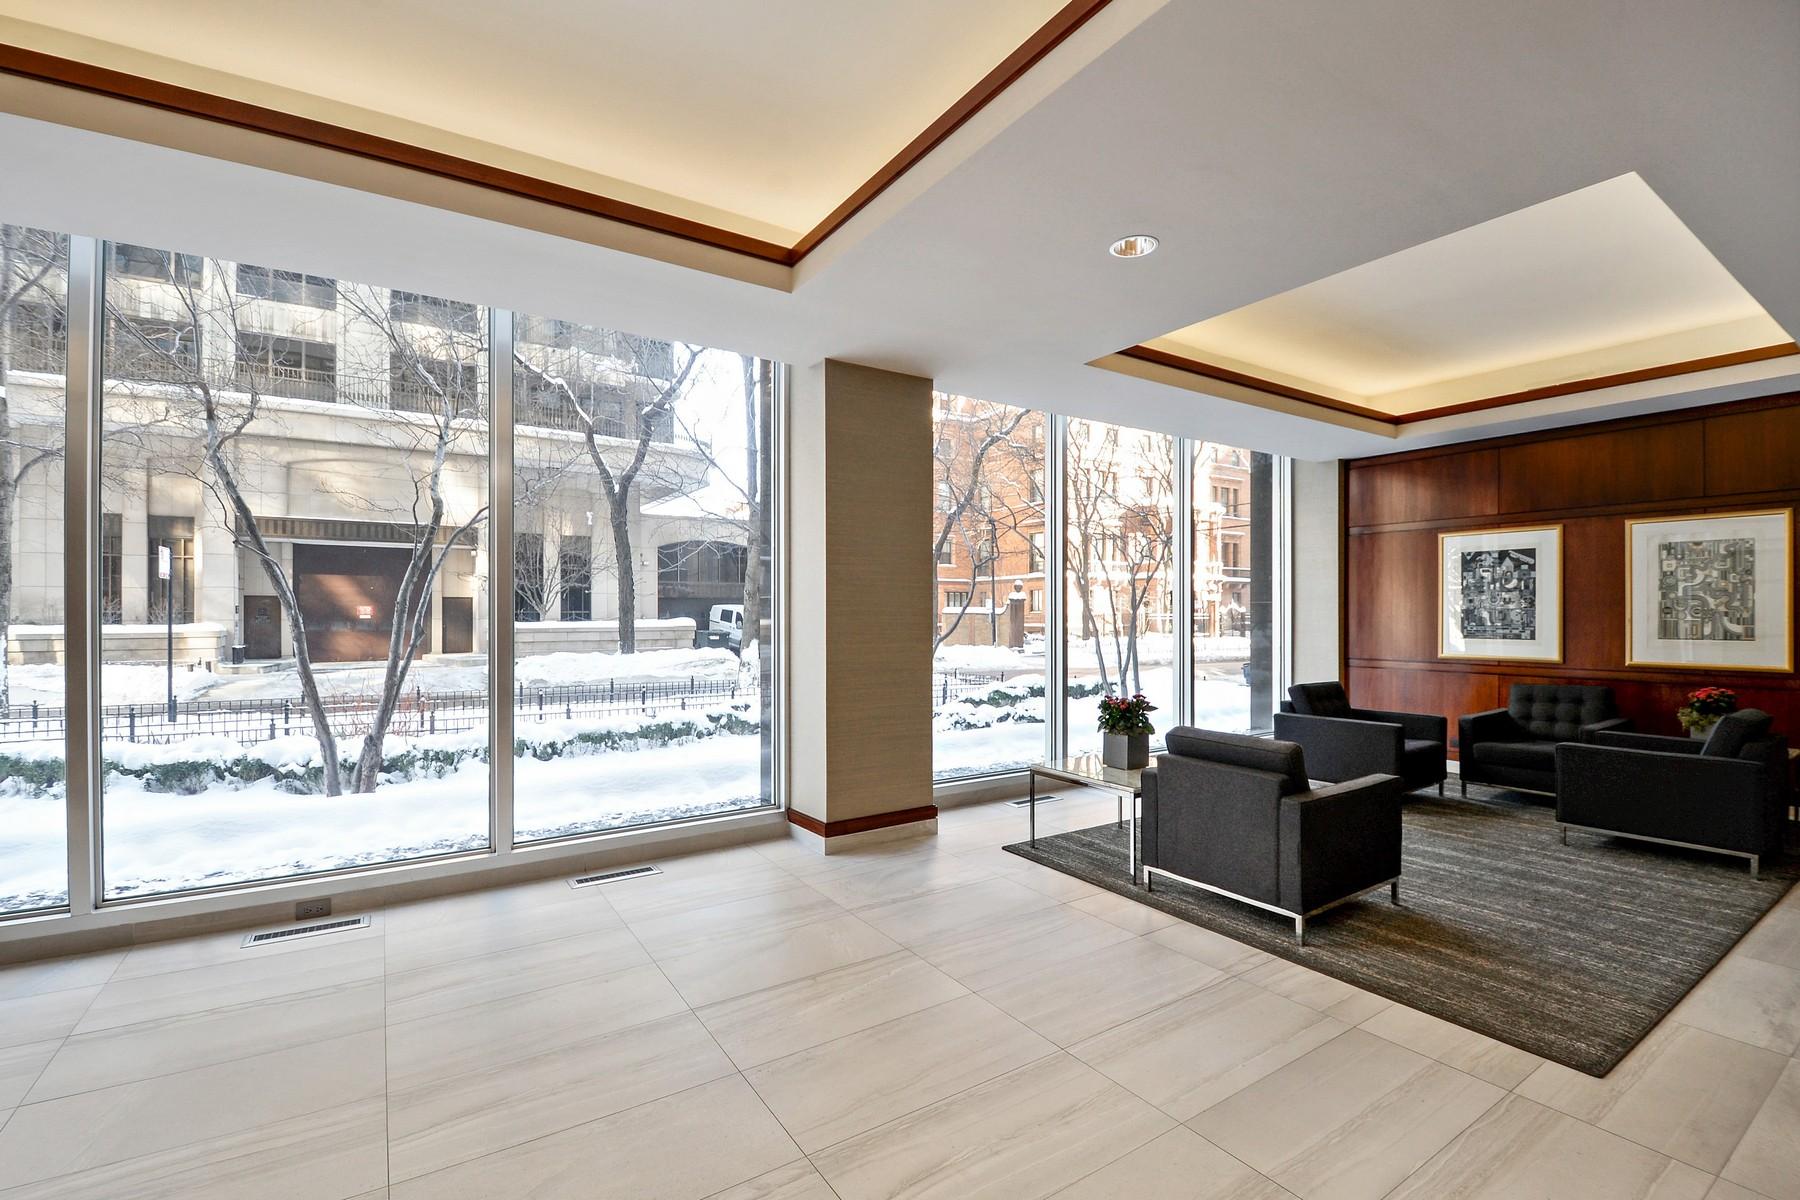 단독 가정 주택 용 매매 에 Sunny South-Facing Corner Unit 1445 N State Street Unit 1106, Near North Side, Chicago, 일리노이즈, 60610 미국